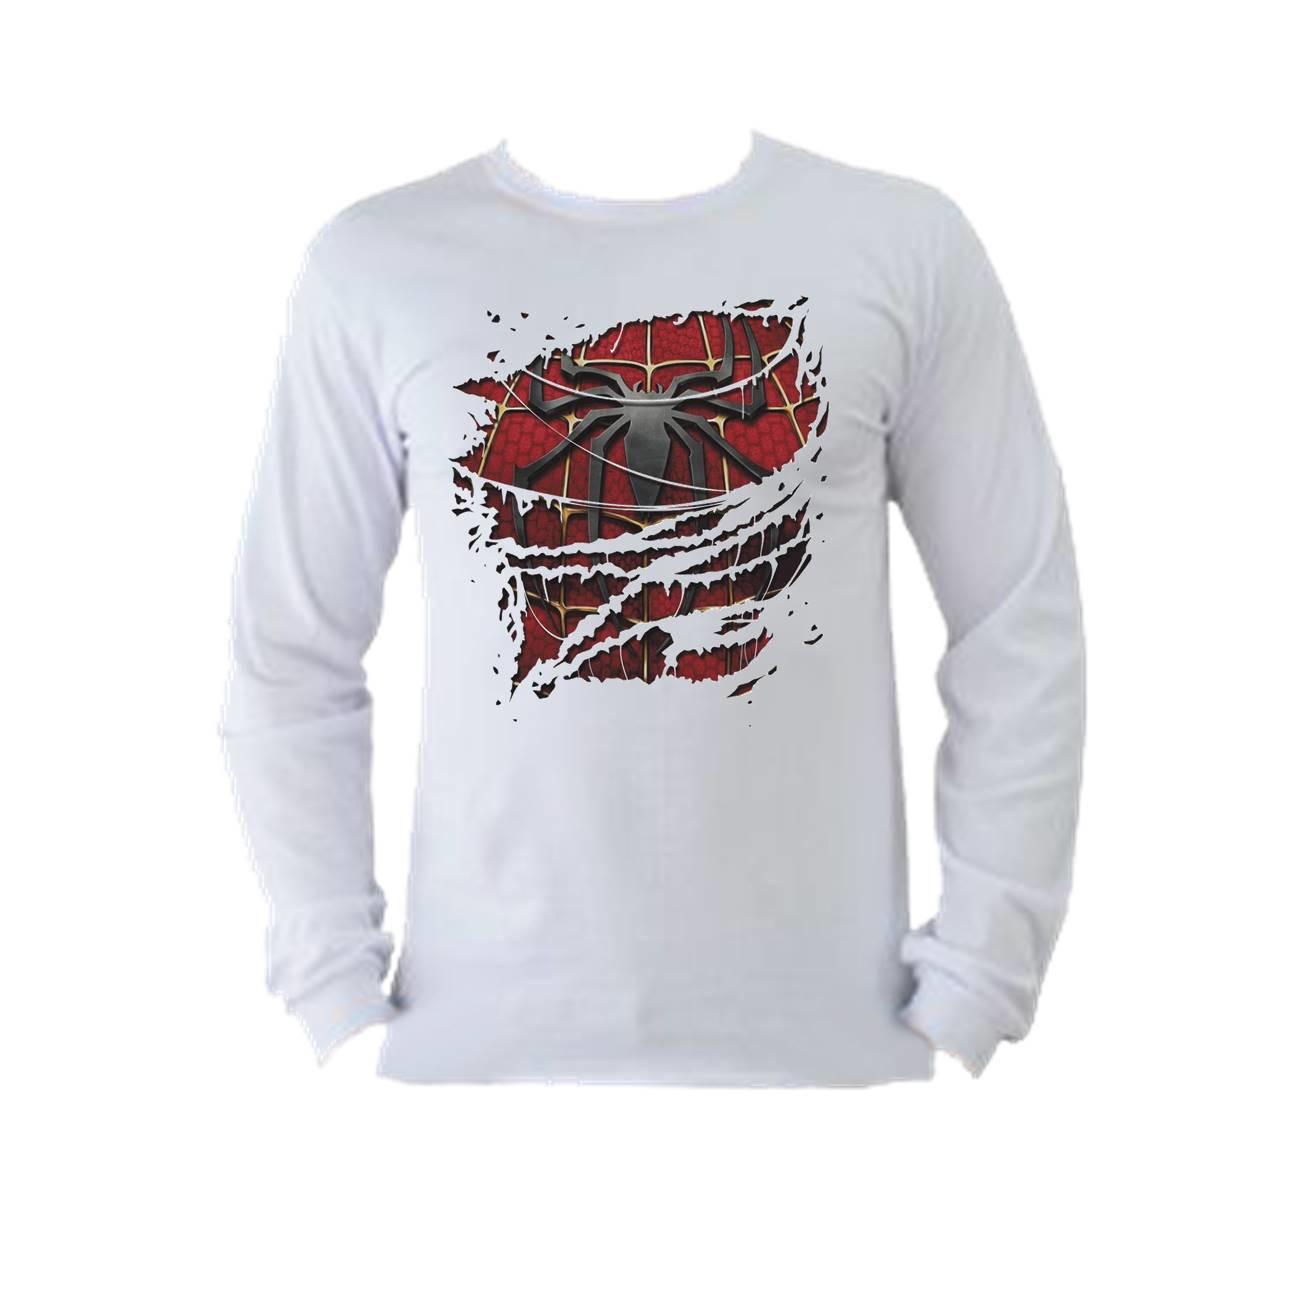 Camiseta manga longa homem aranha 01 no Elo7  079f0b51833de